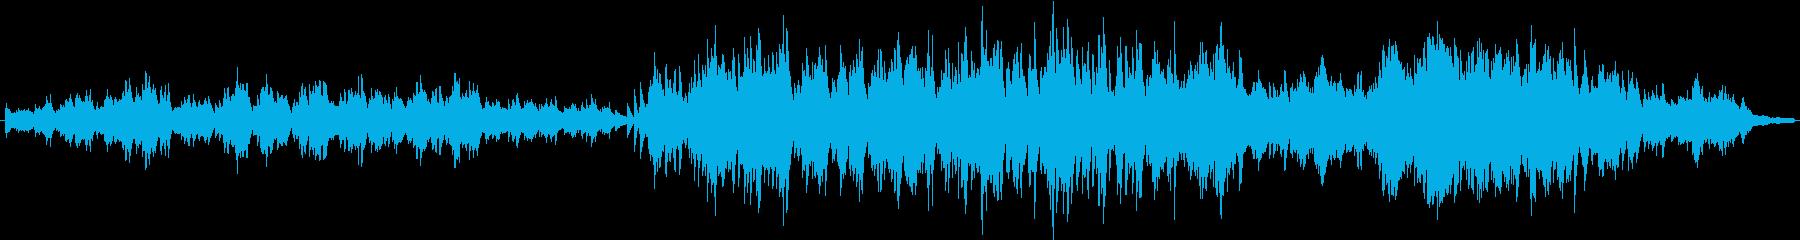 メランコリックなボサノヴァ調のピアノ曲の再生済みの波形